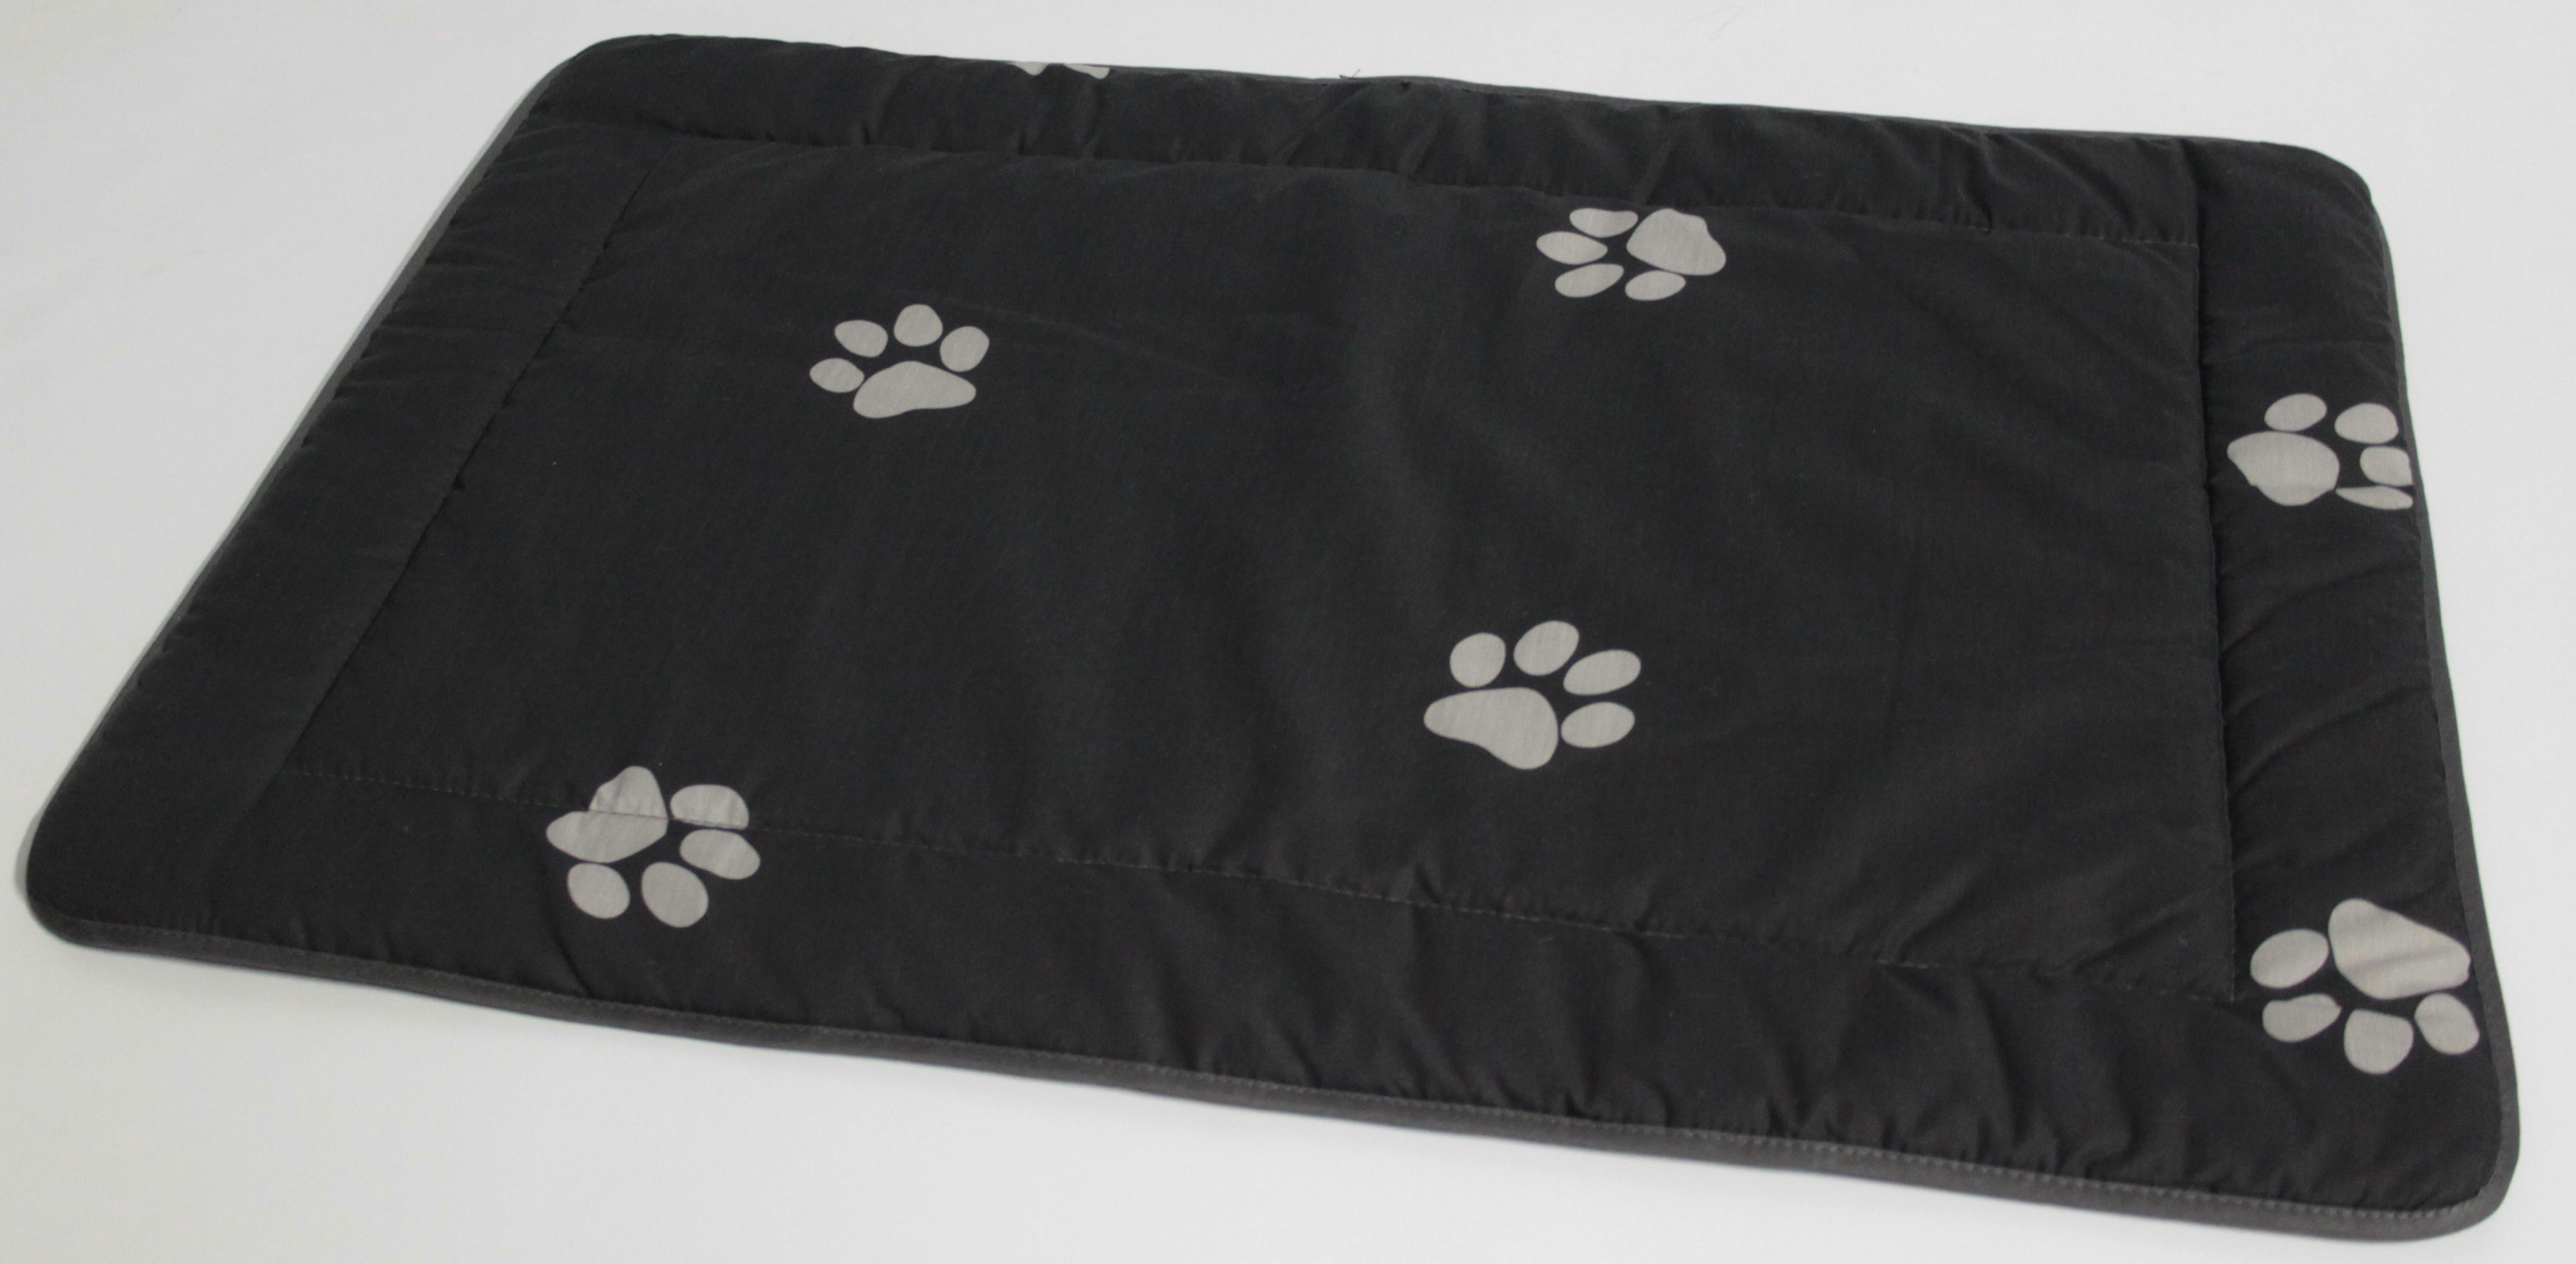 Hundedecke 95x65 cm grau mit hellgrauen Tatzen